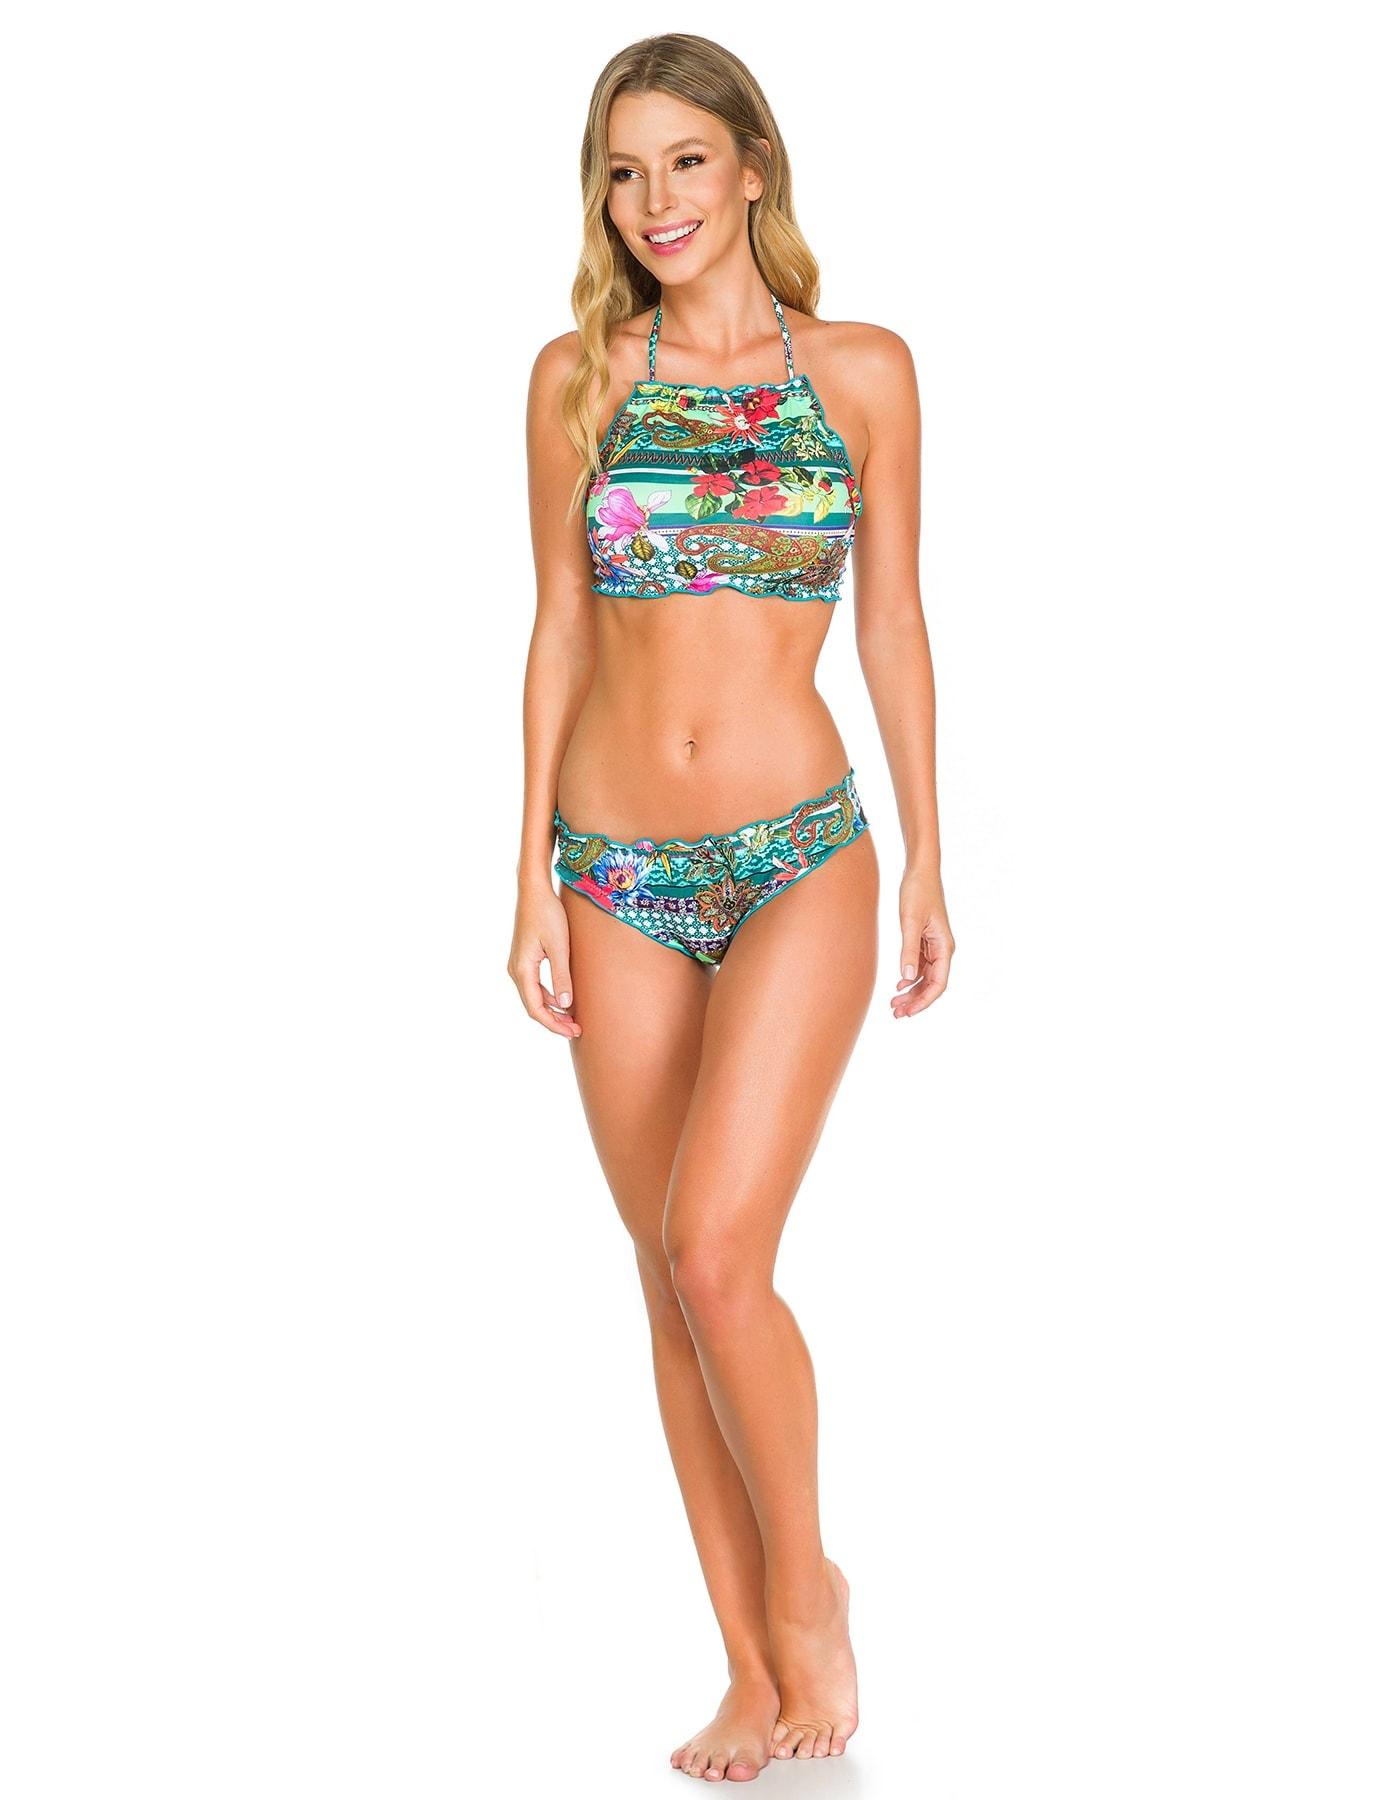 Bikini Crop Top floral anudado en cuello y espalda + Braguita floral Reversible F